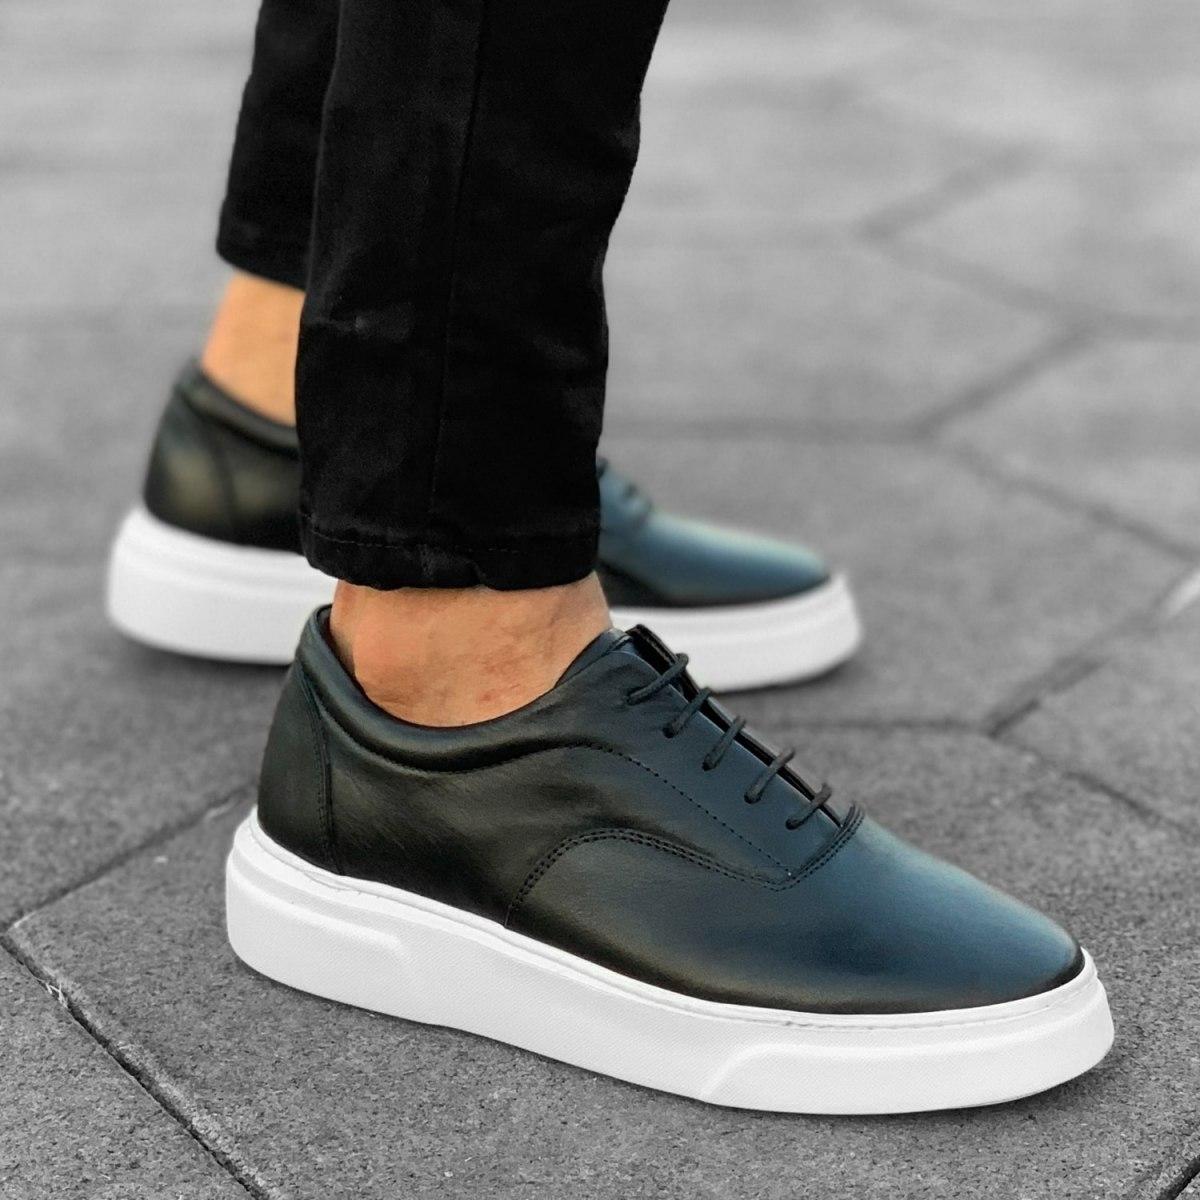 Premium Leather Casual Sneakers in Black White Mv Premium Brand - 2